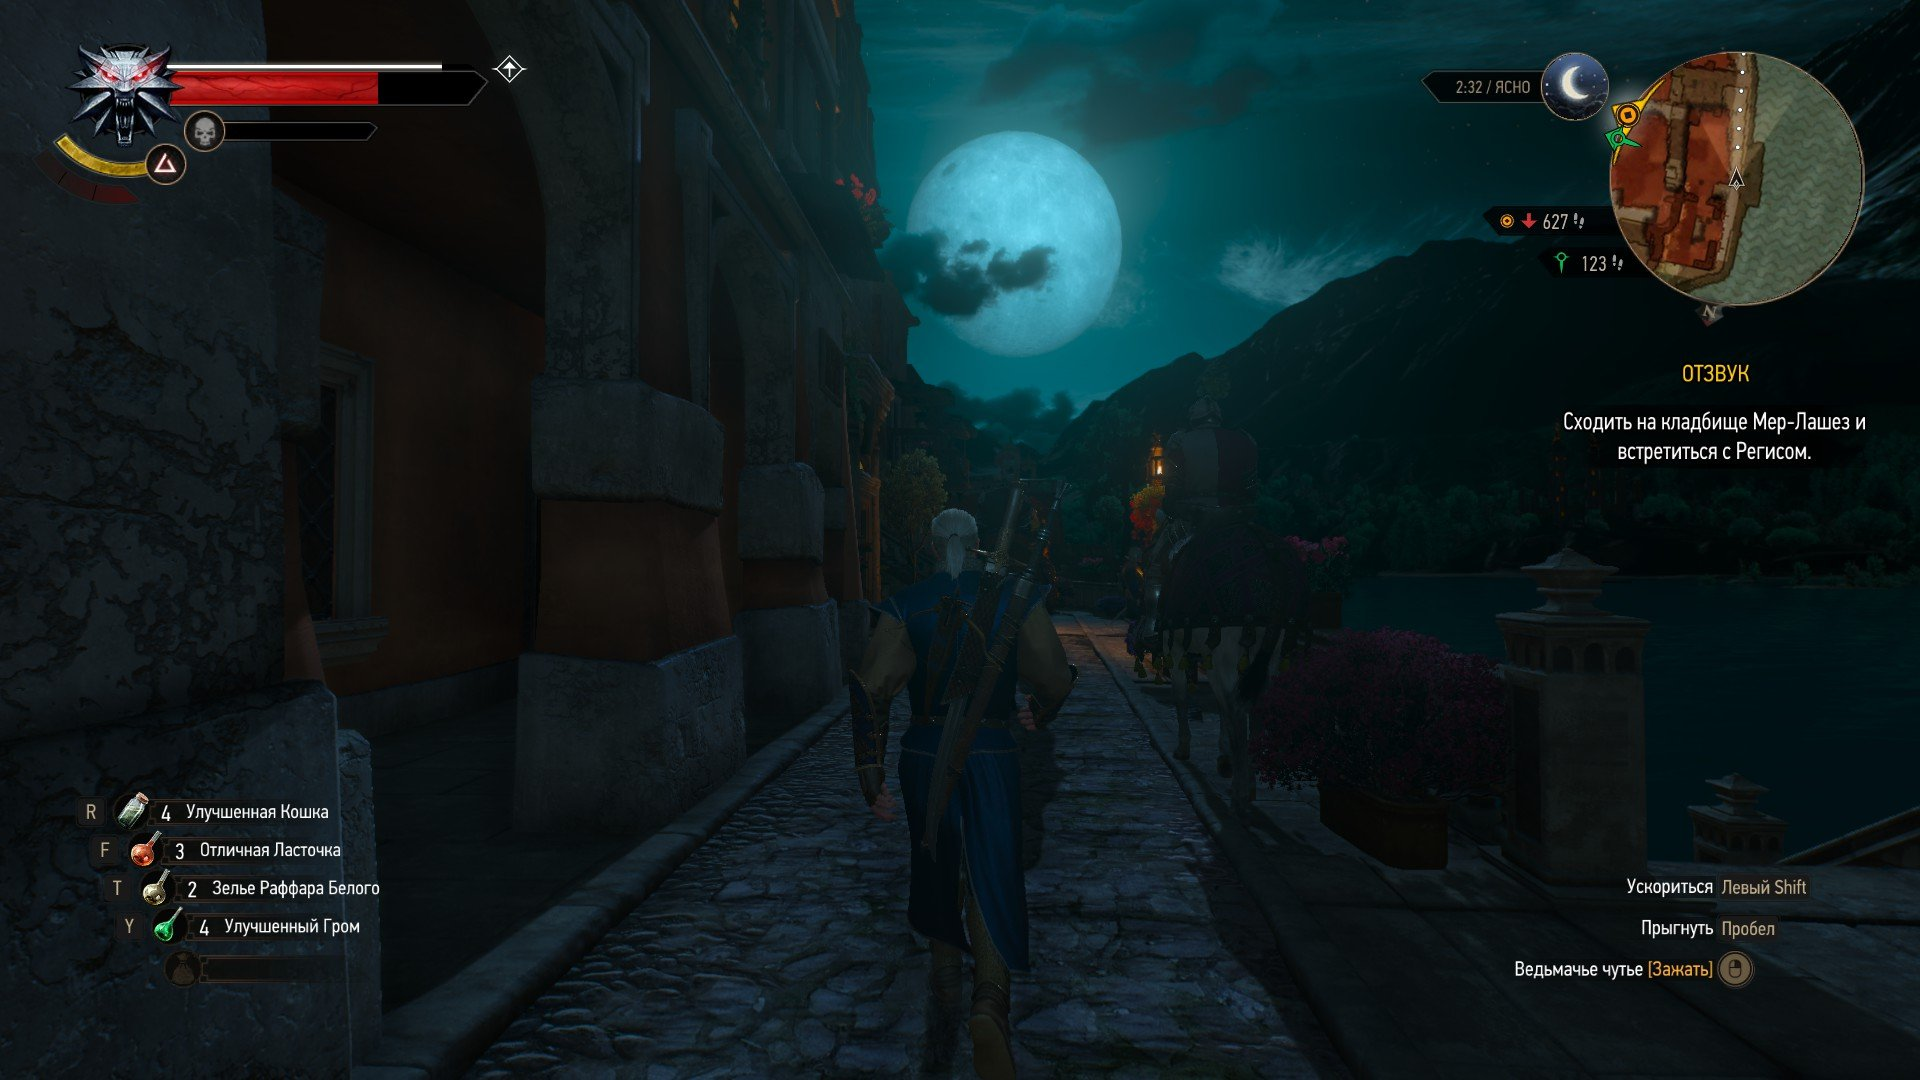 Вопль-прохождение Witcher 3: Кровь и Вино ... НАЧАЛО [ВНИМАНИЕ, ВОЗМОЖНЫ СПОЙЛЕРЫ]. - Изображение 22